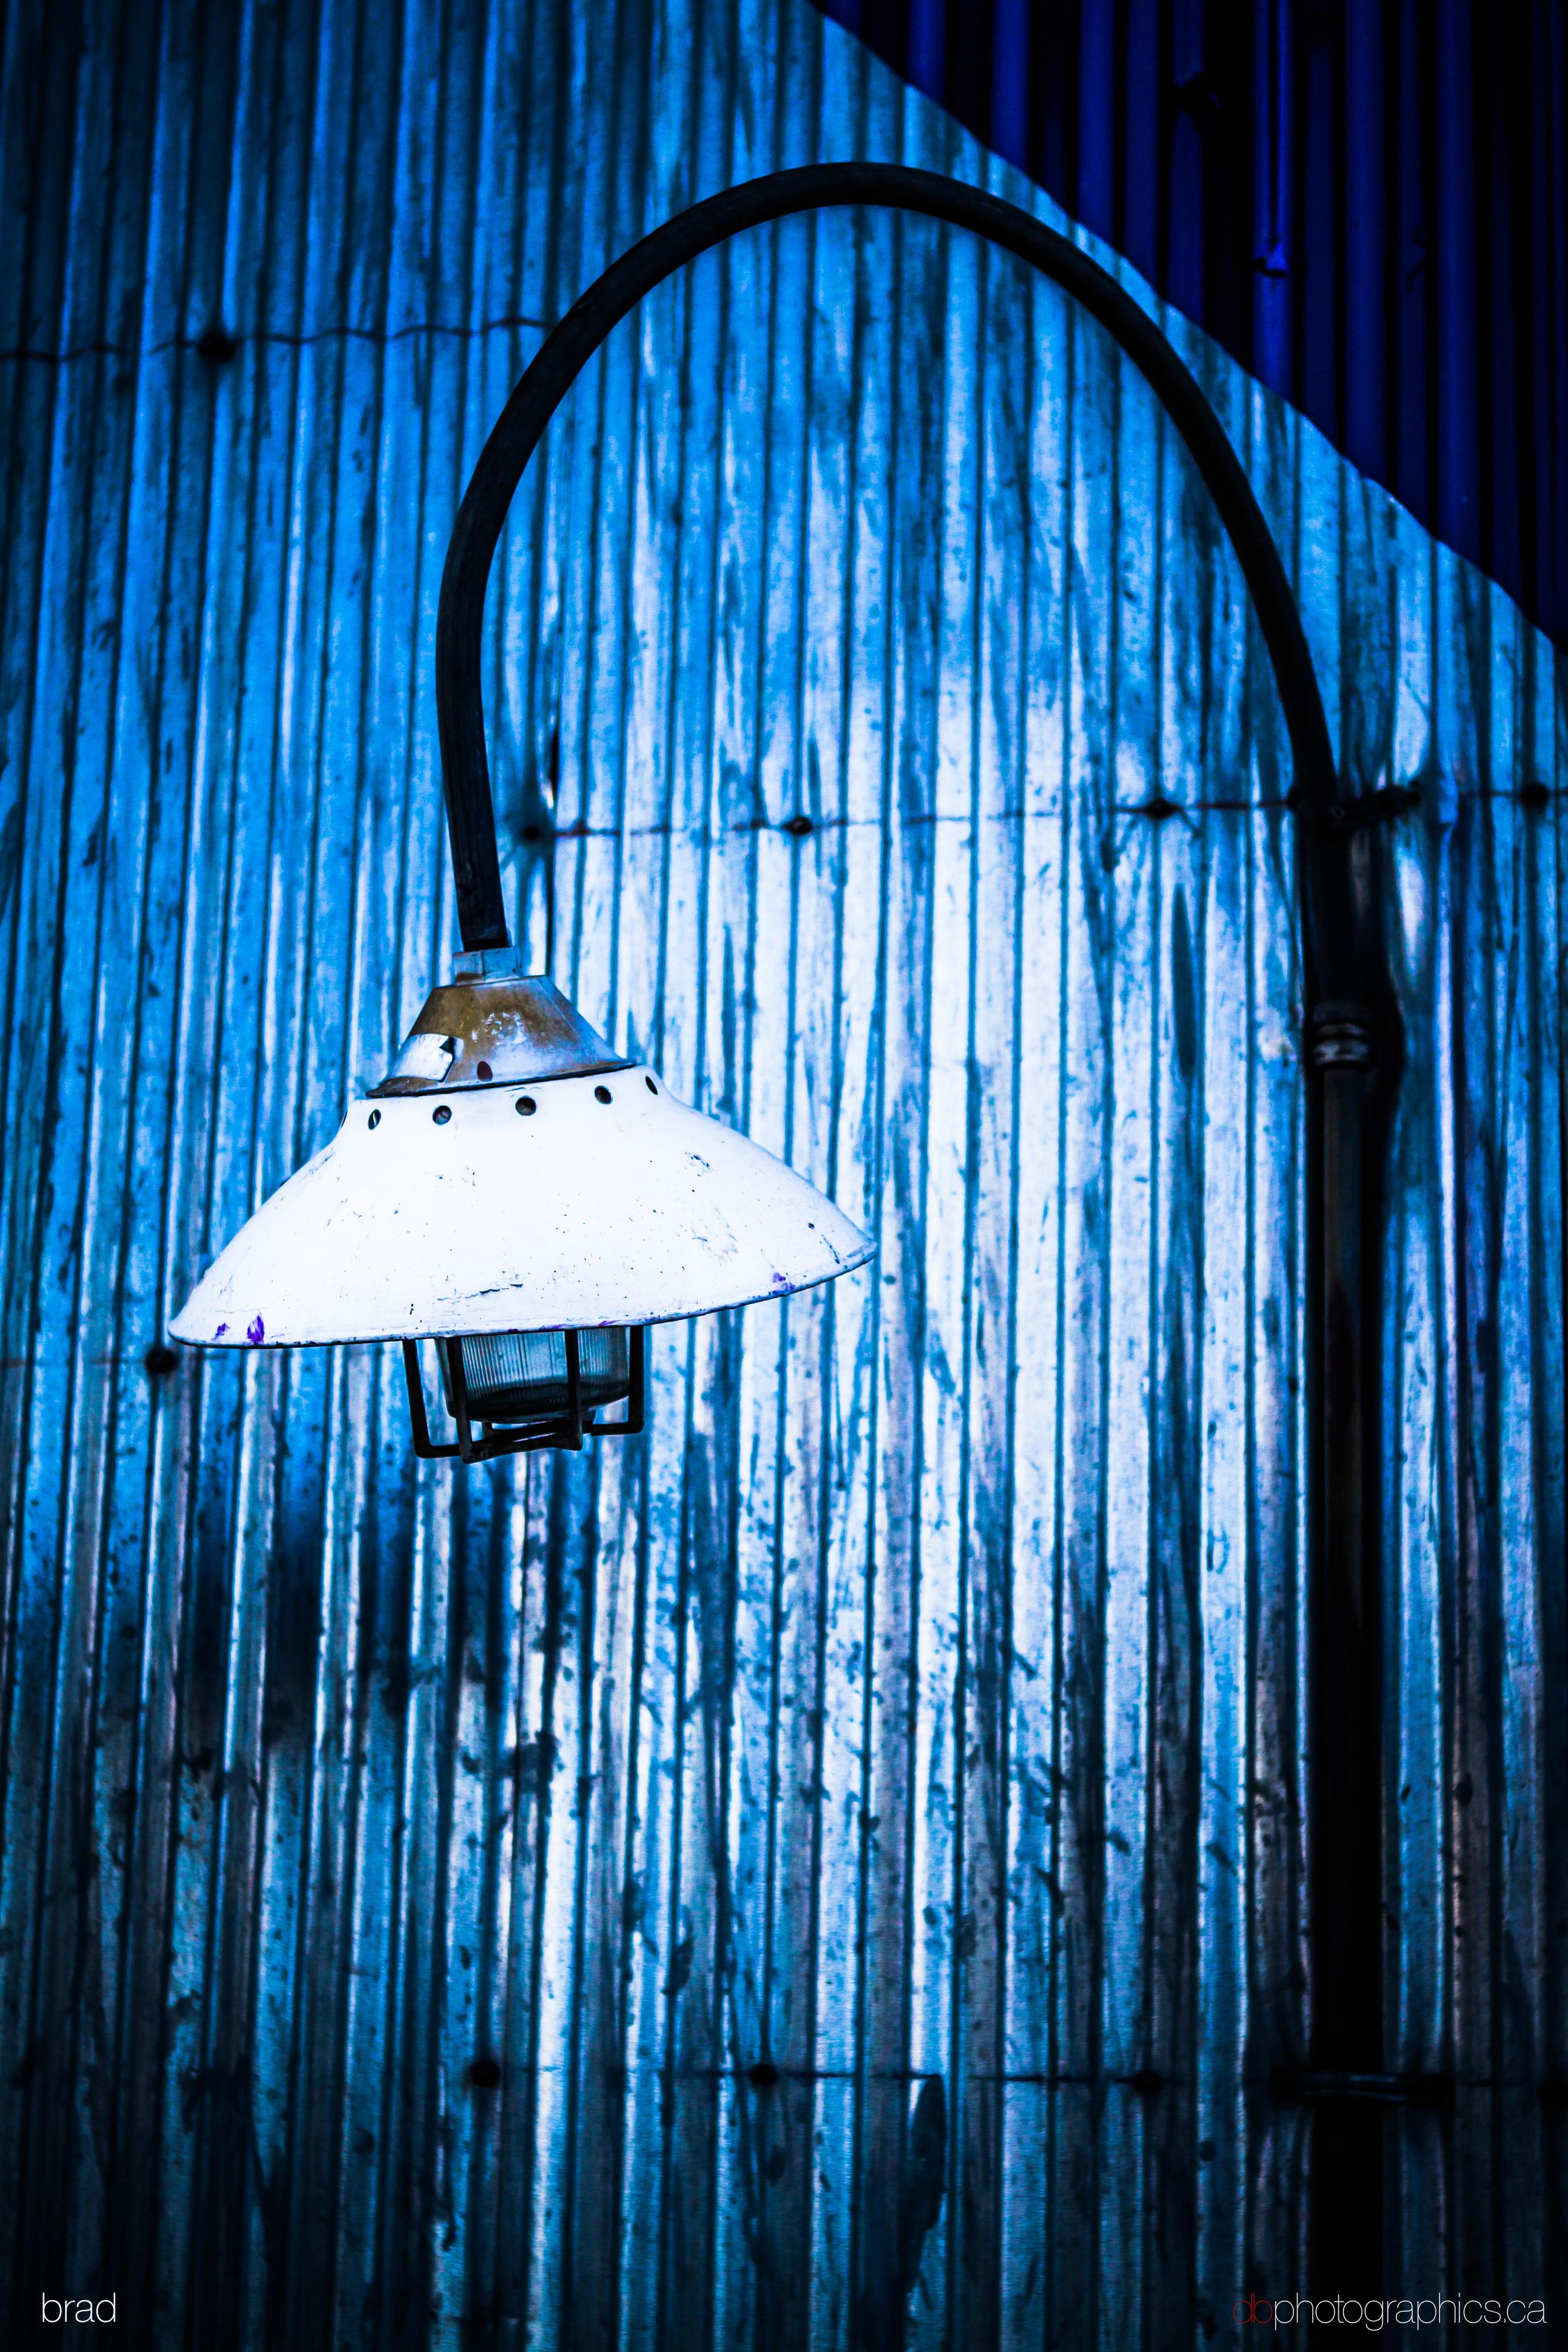 van-march-2013-583-lr-big-db.jpg